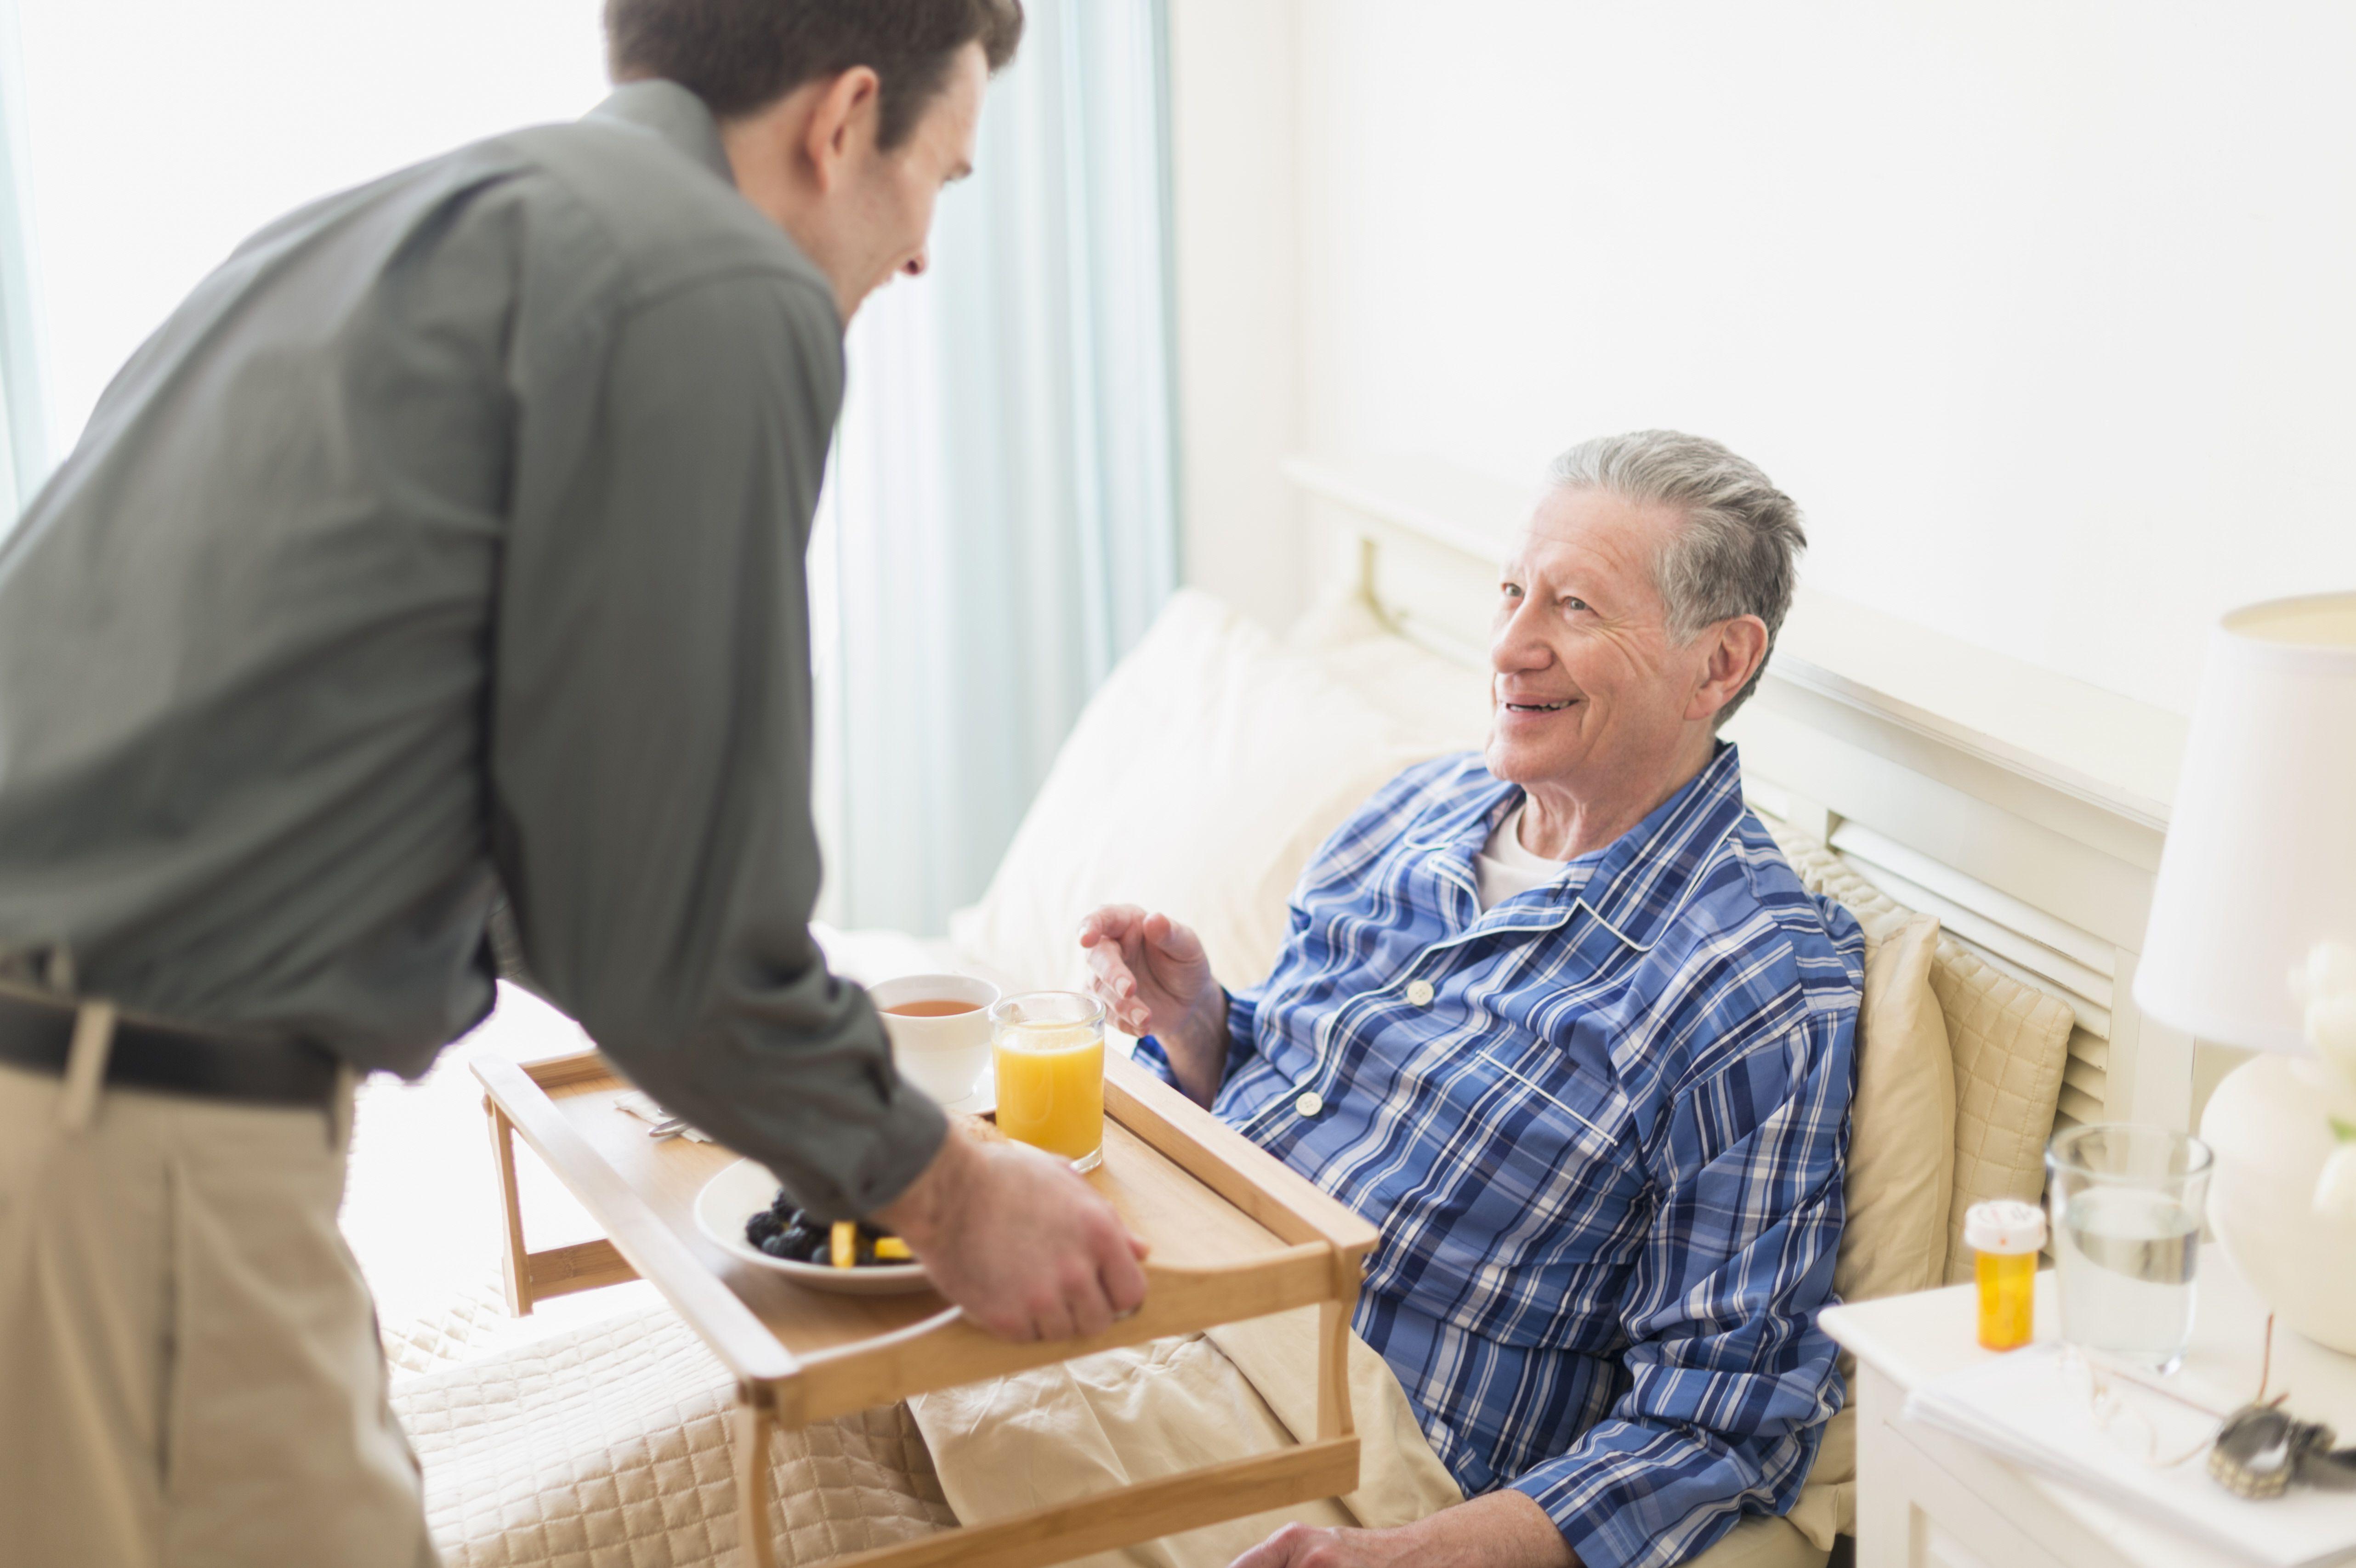 Senior Caucasian man having breakfast in bed